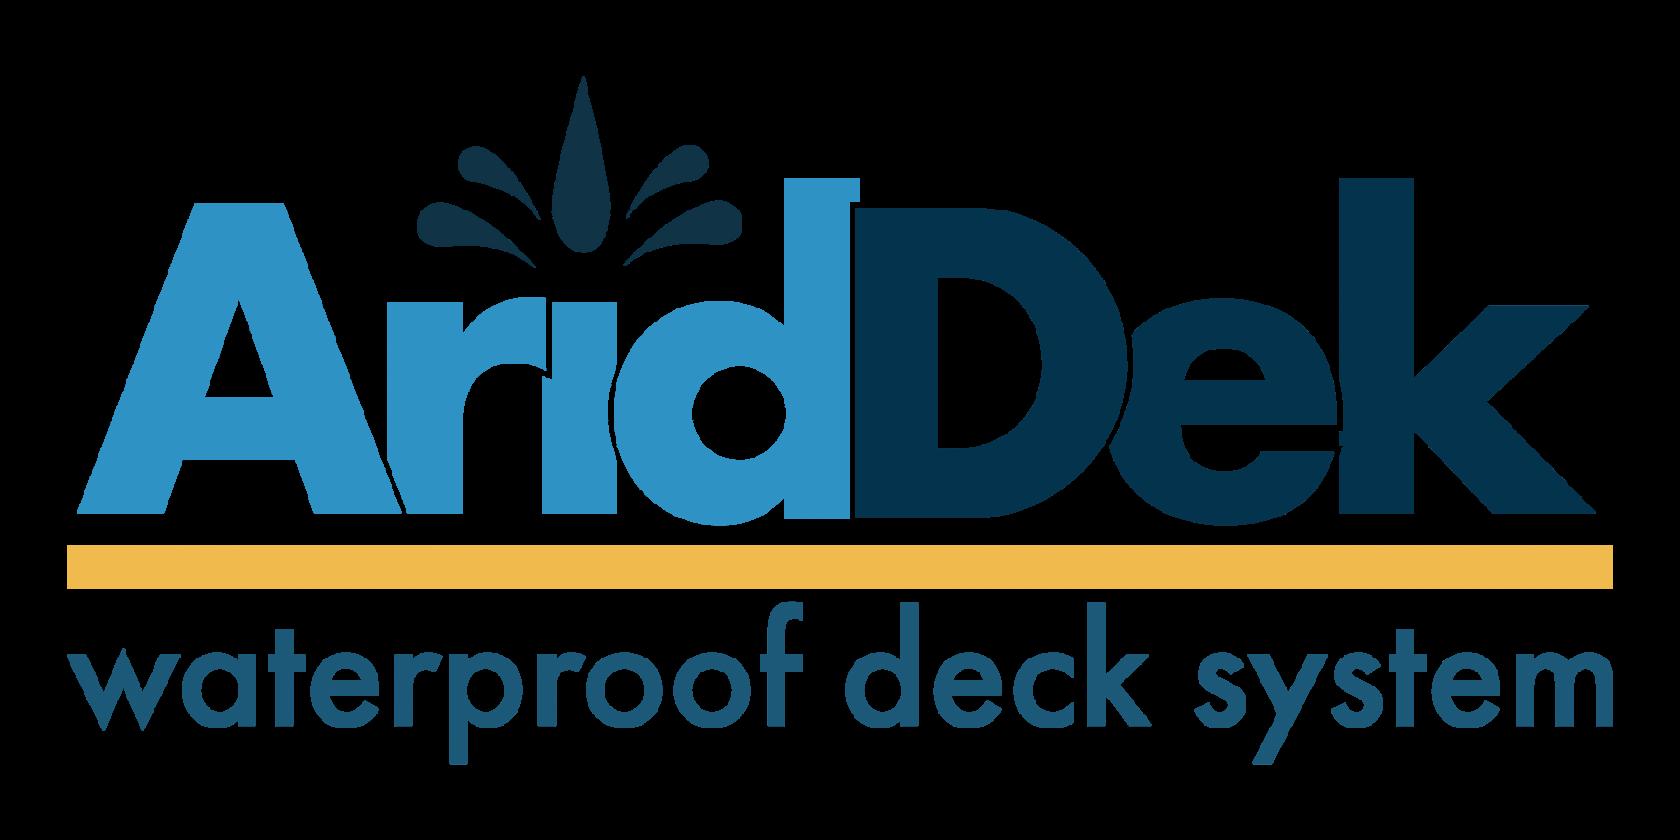 AridDek waterproof decking board system large logo